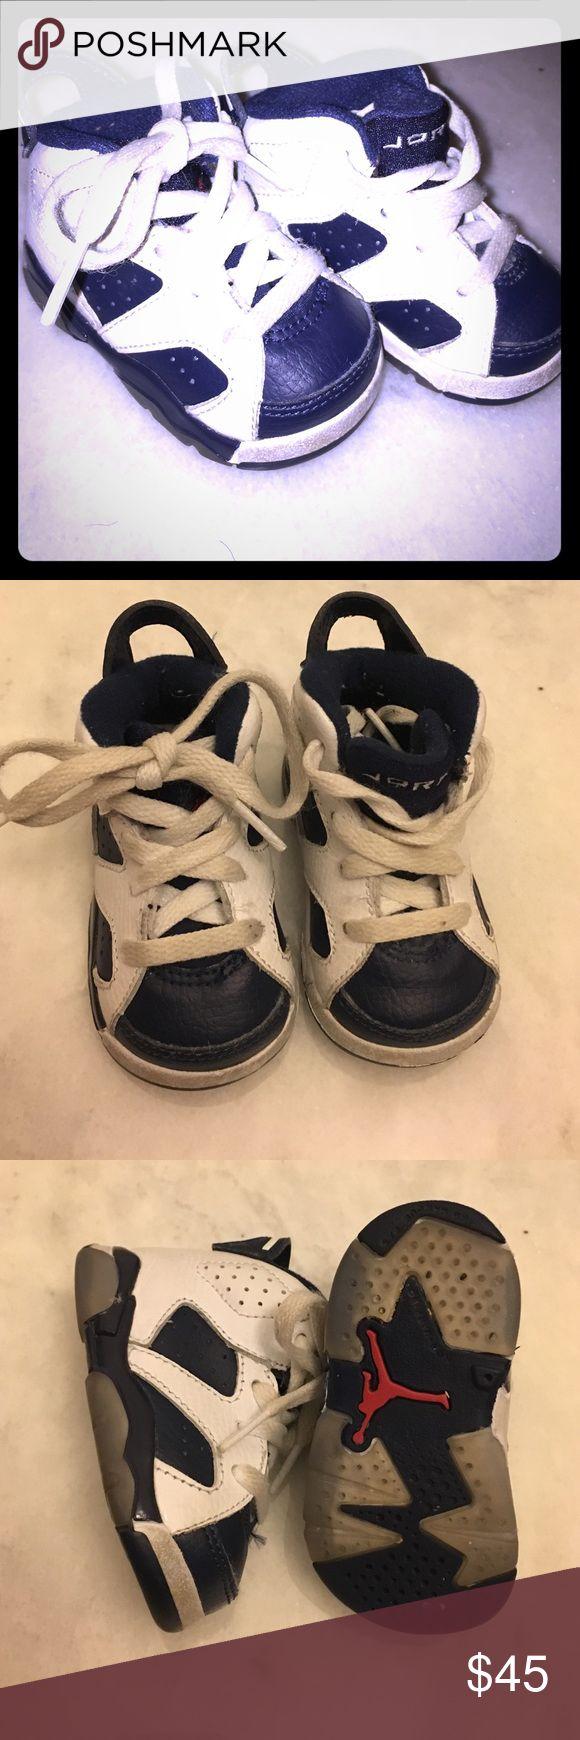 Air Jordan retro 6 sneakers Jordan air retro sneakers. Great condition. Make your your best offer. Jordan Shoes Sneakers